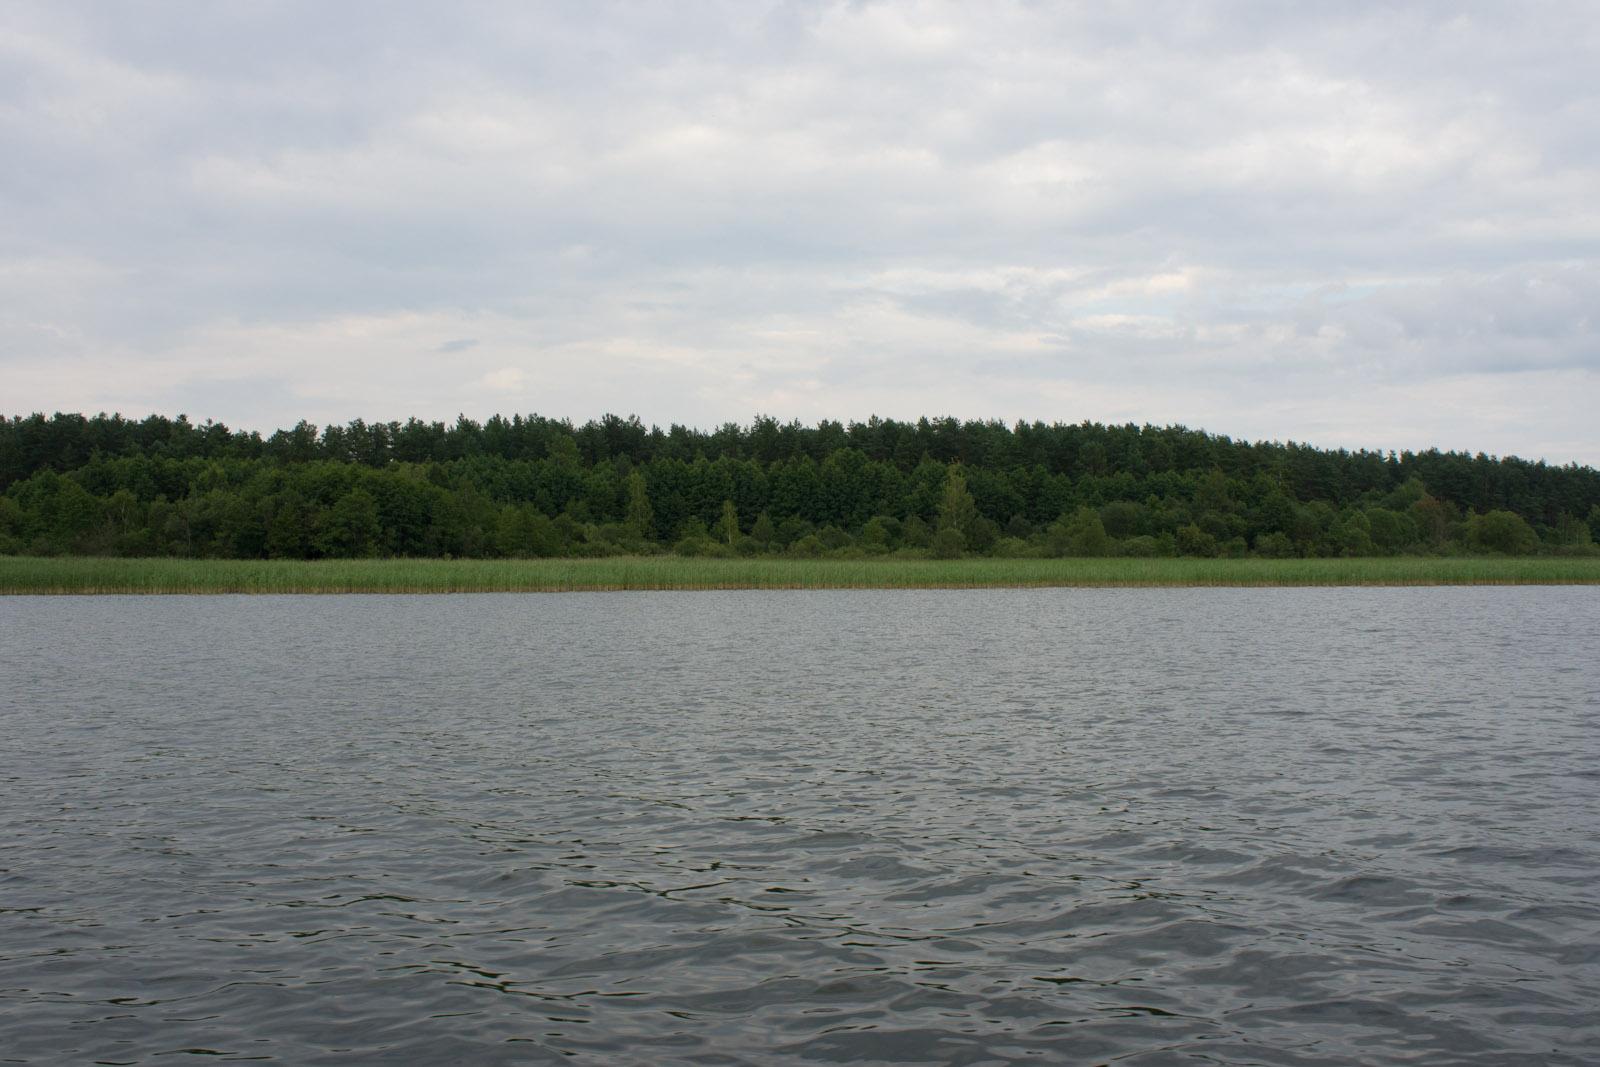 Seksty bay, Mazuria, Poland